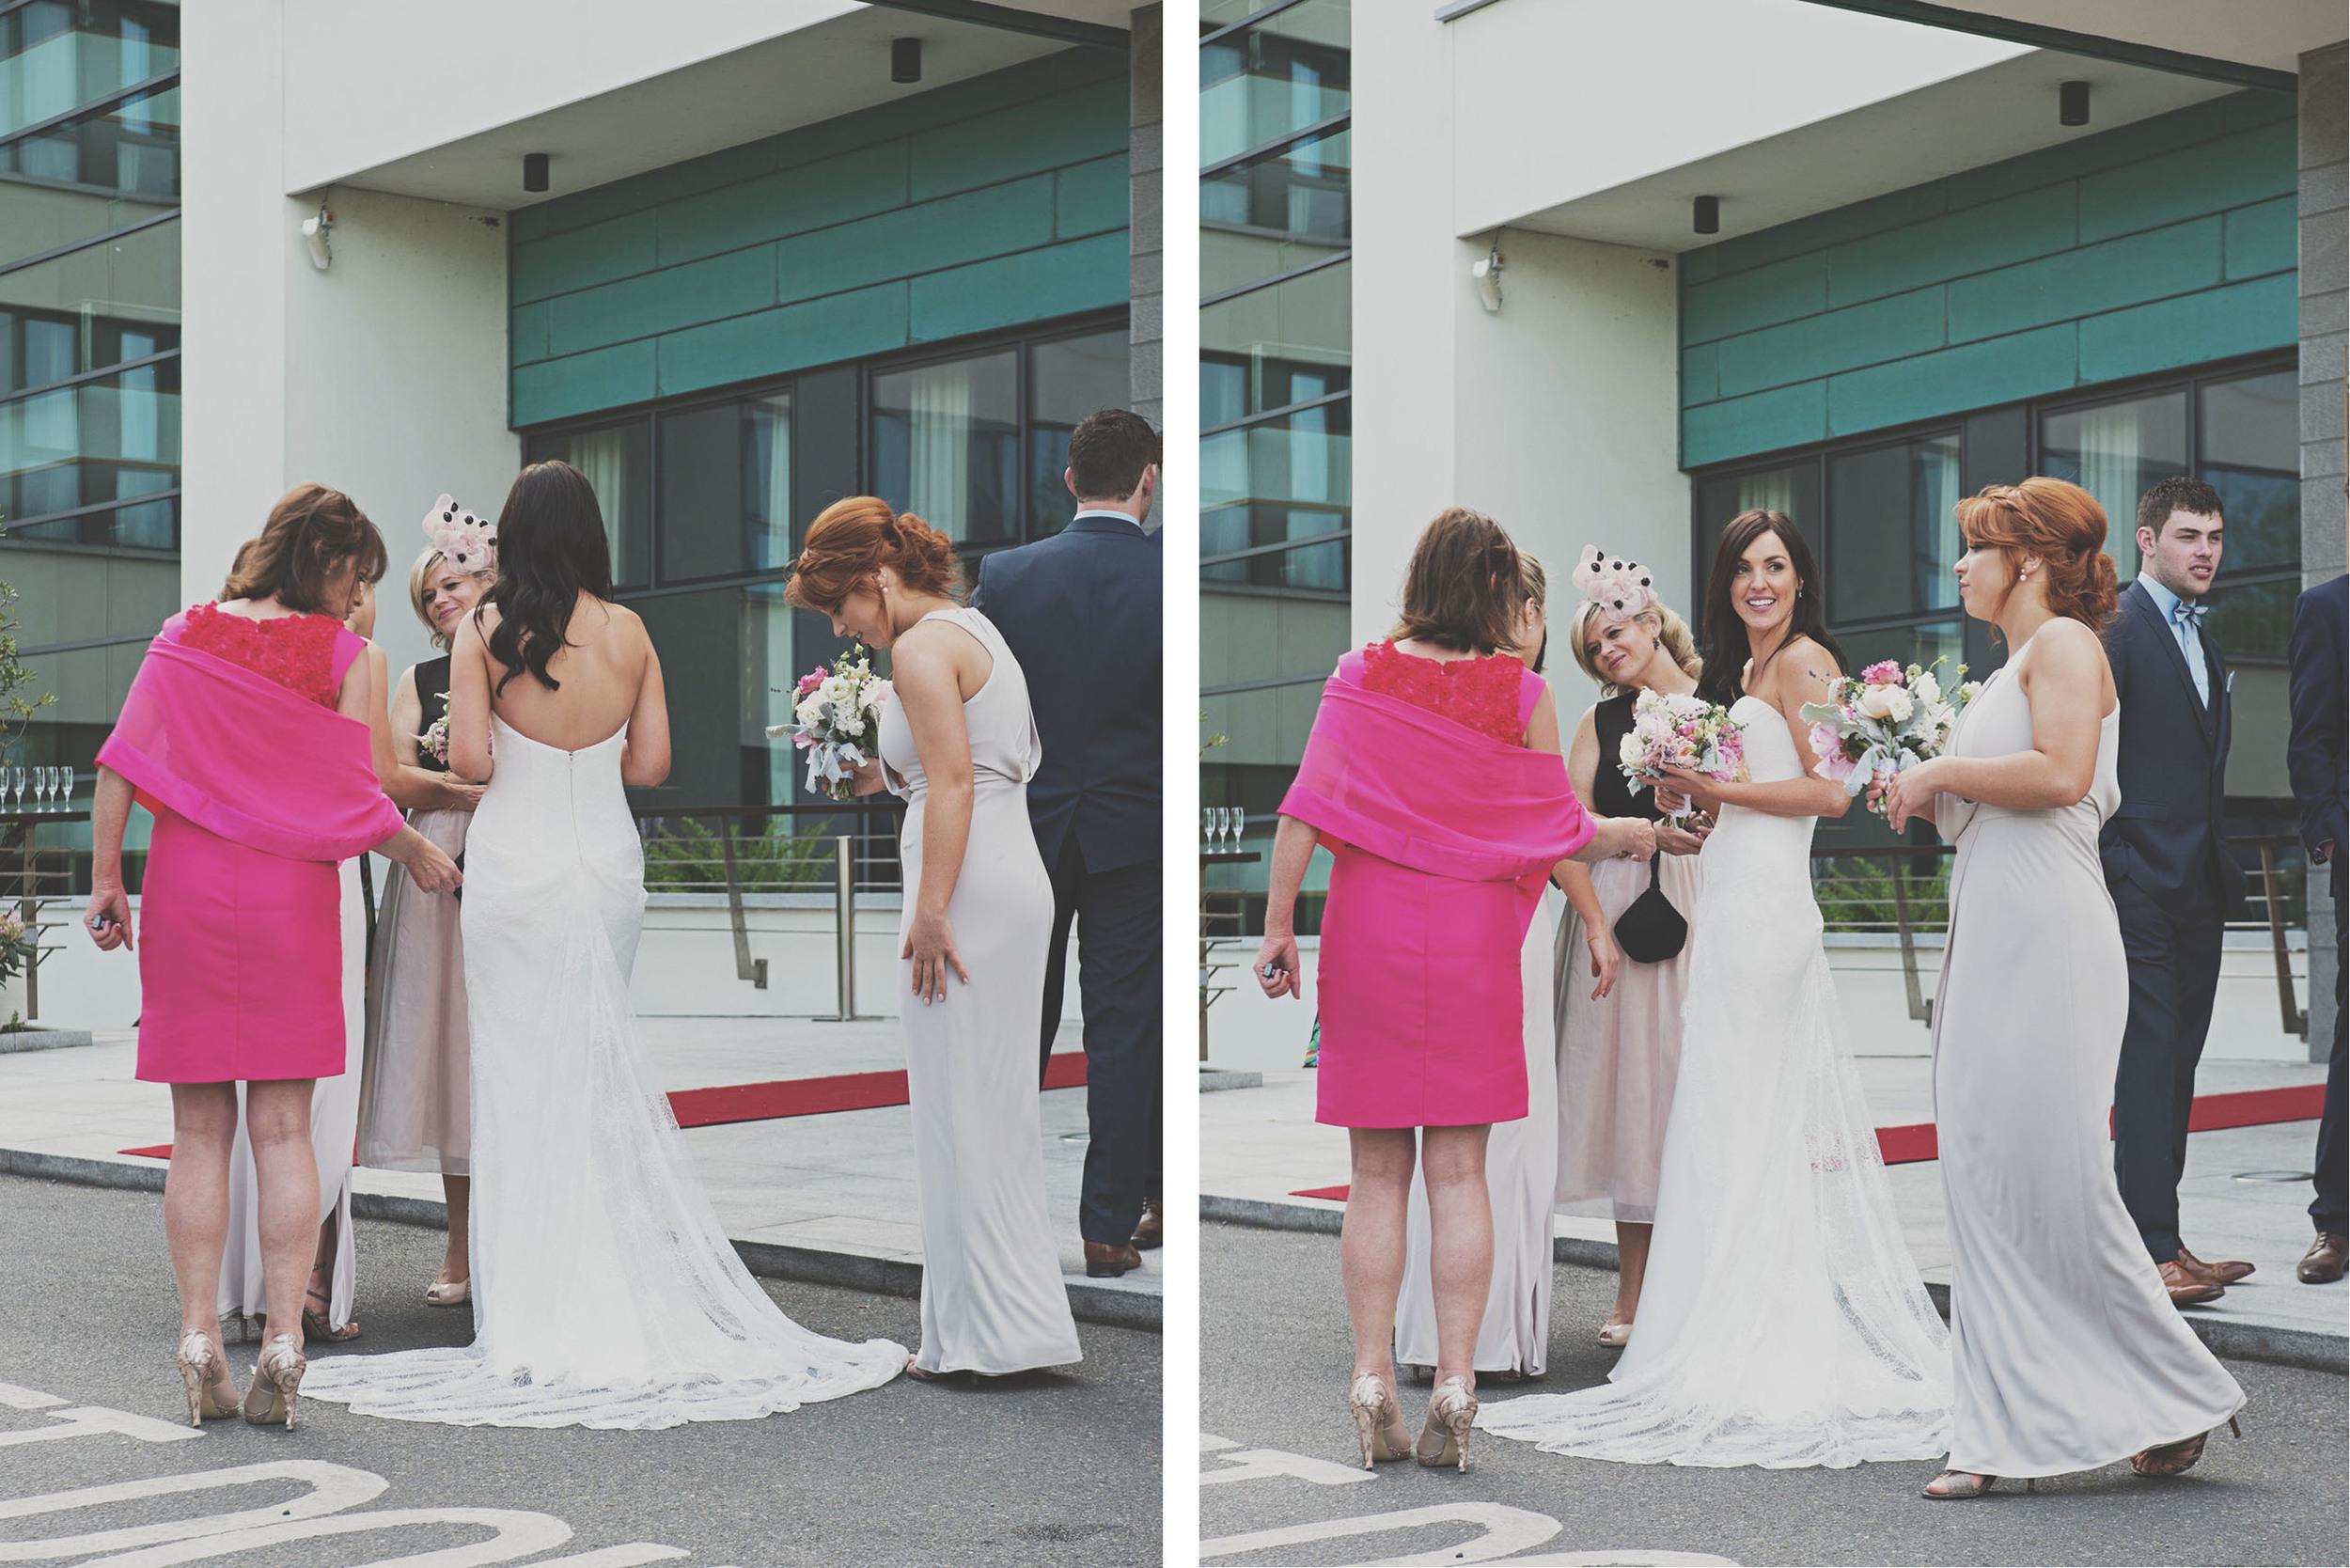 Julie & Matt's Seafield Wedding by Studio33weddings 100.jpg